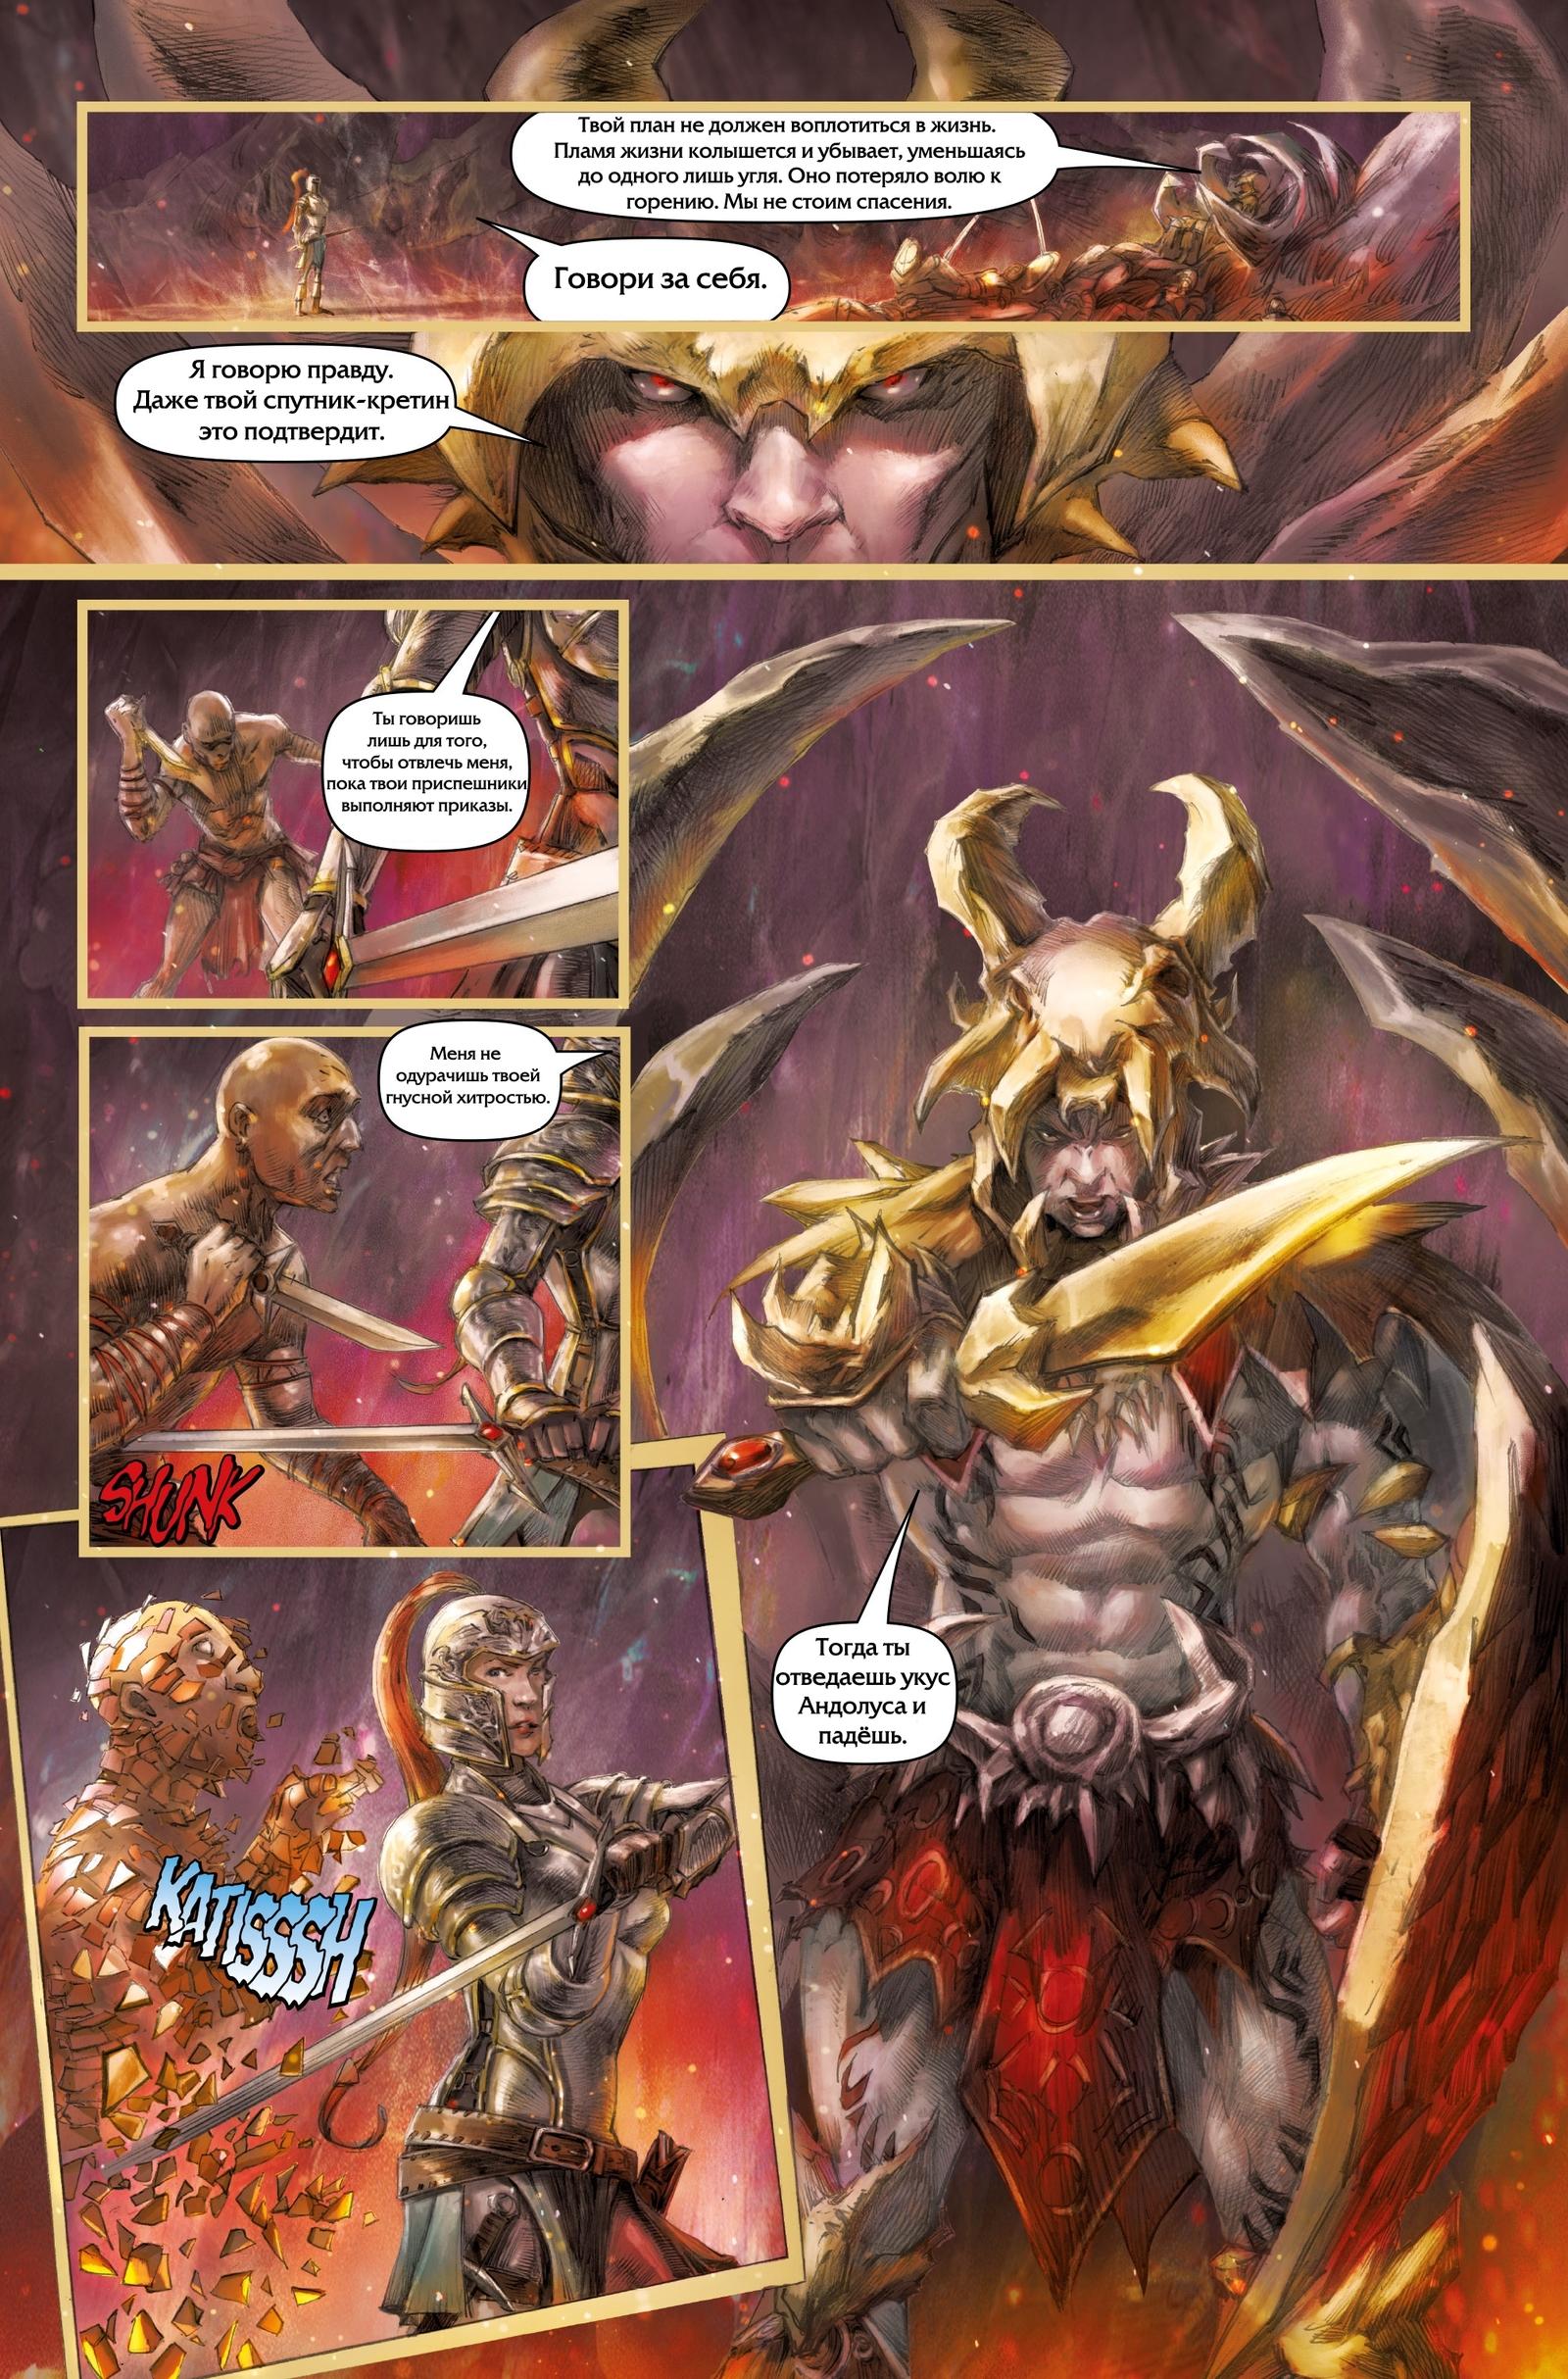 Немного комиксов по Dark Souls.(часть 1) - Изображение 15